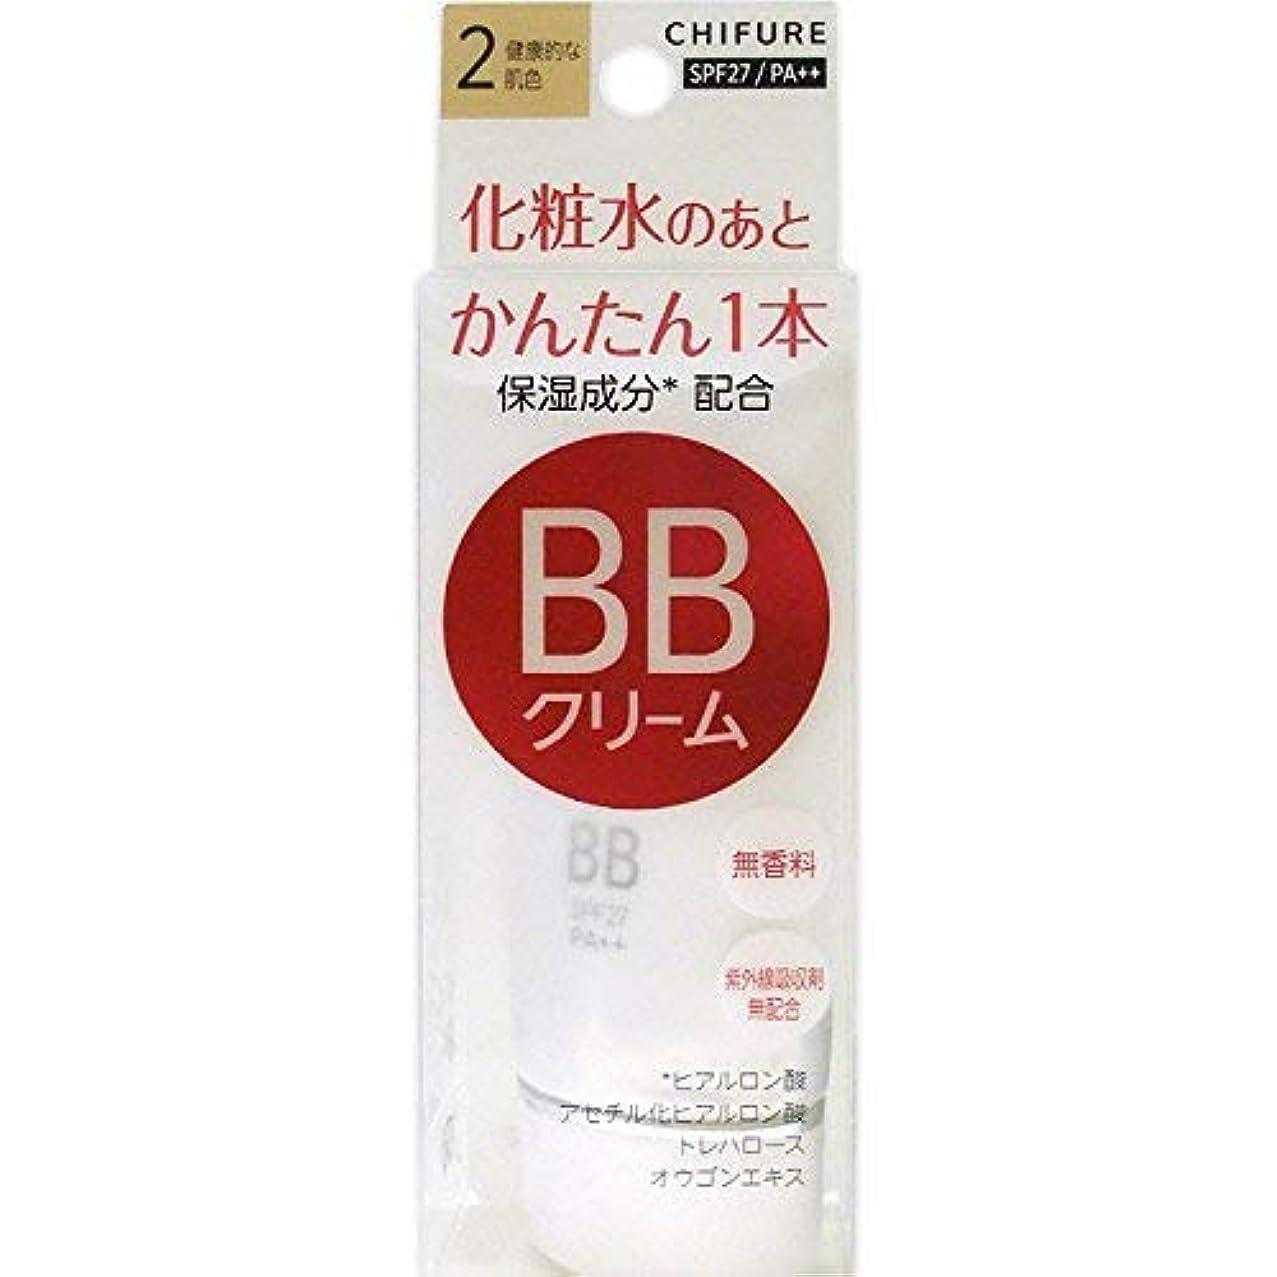 応用生物学ガラガラちふれ化粧品 BB クリーム 2 健康的な肌色 BBクリーム 2